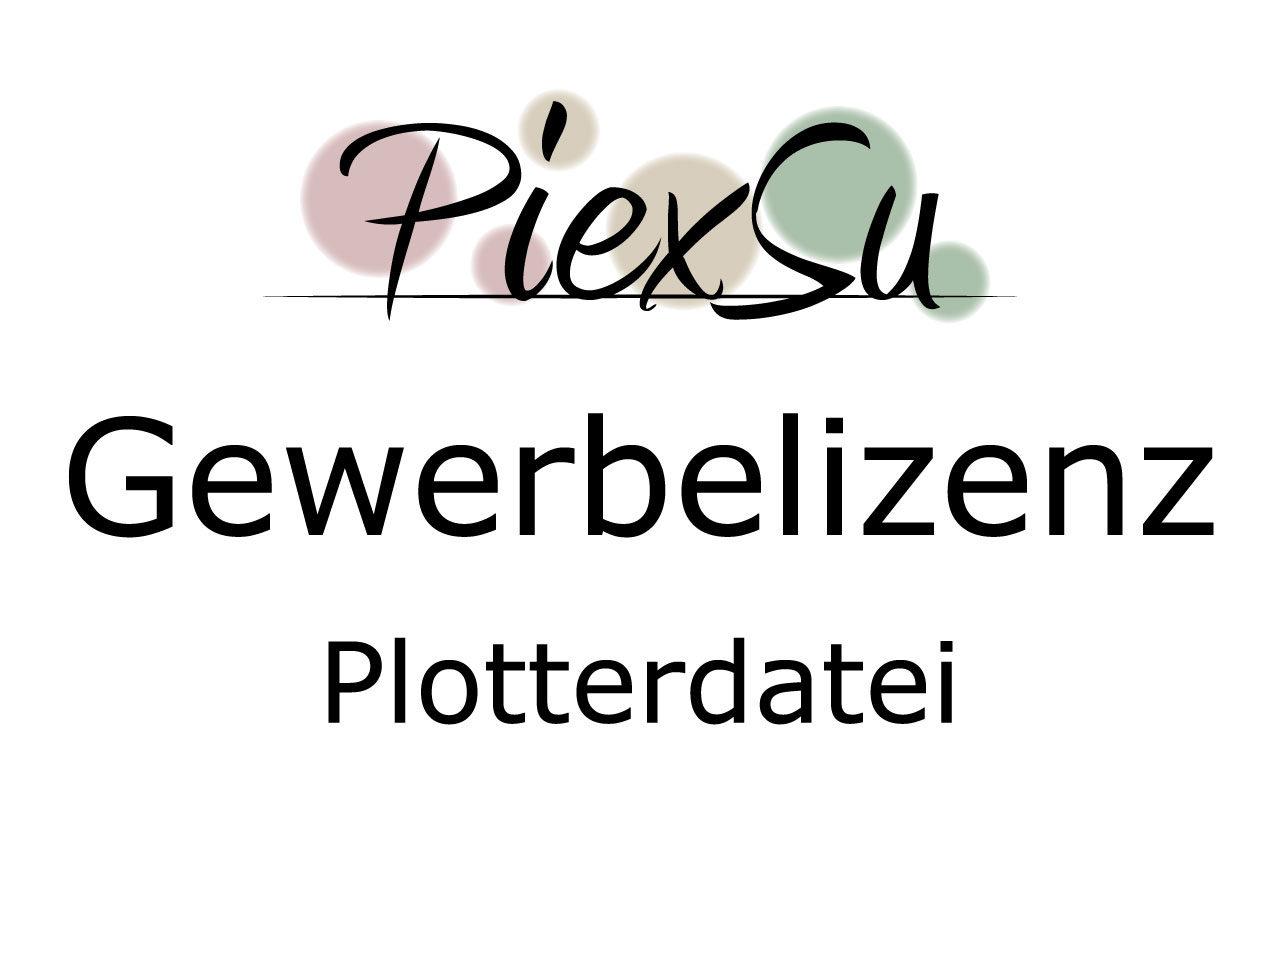 Titelbild-Gewerbelizenzen-PiexSu-Plotterdatei